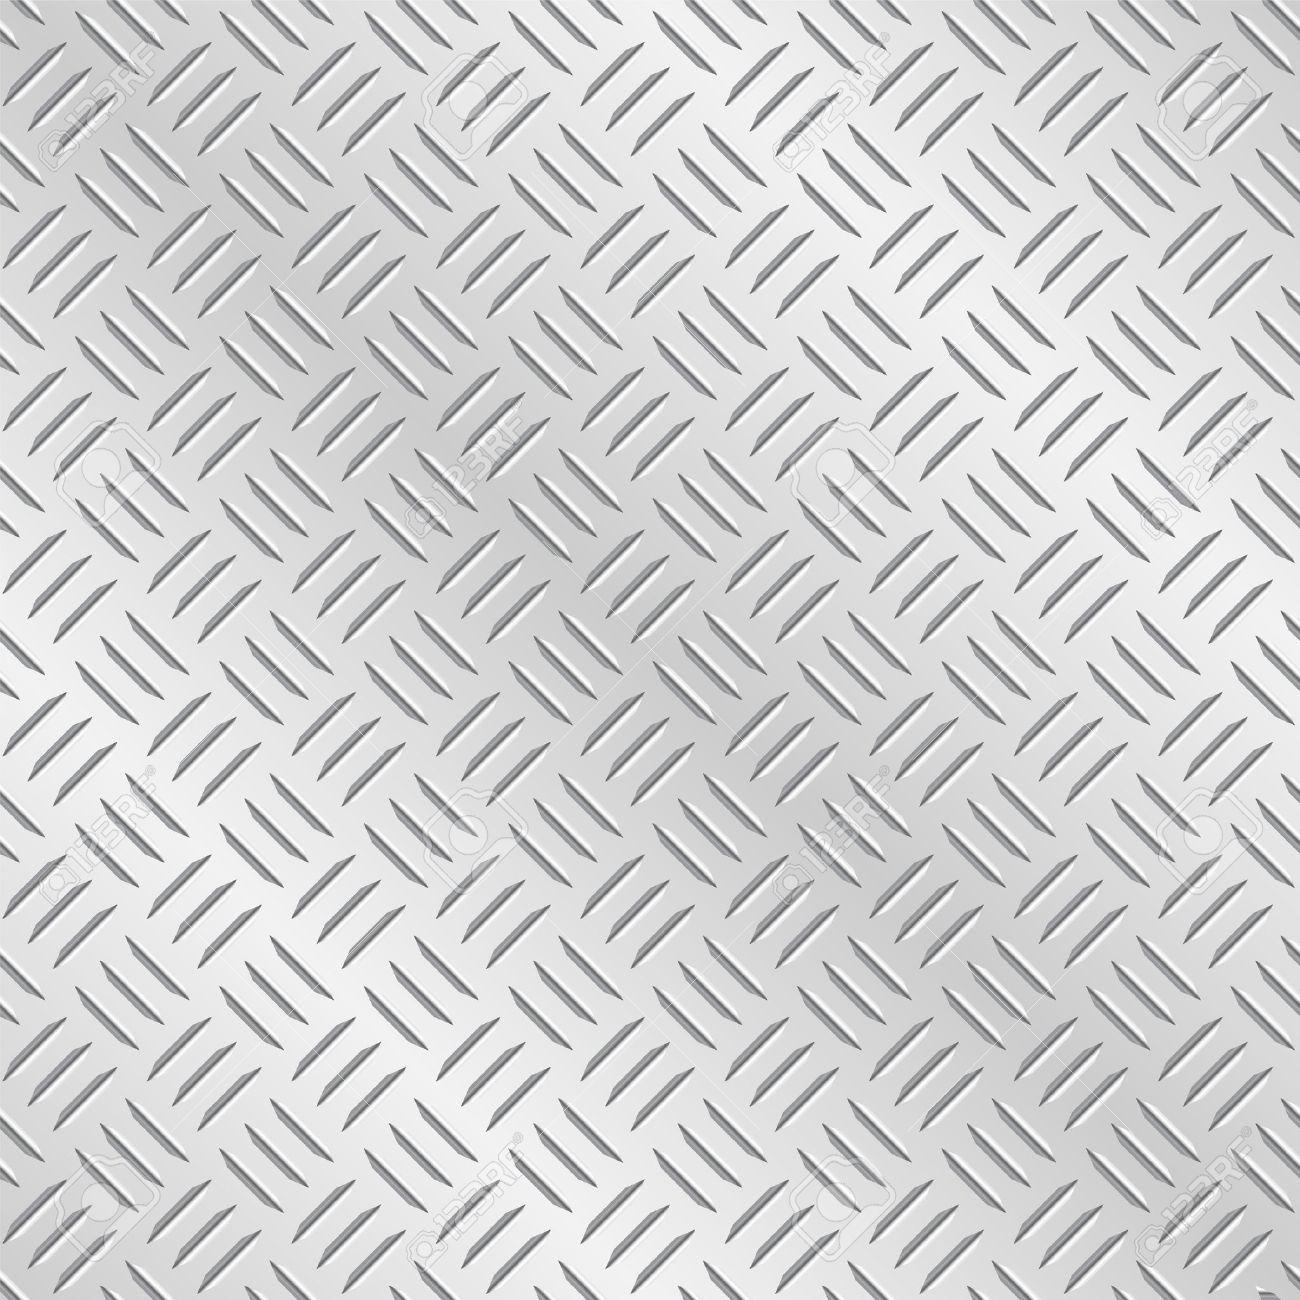 メタル ダイヤモンド チェカー プレート 残された タイルのベクトル